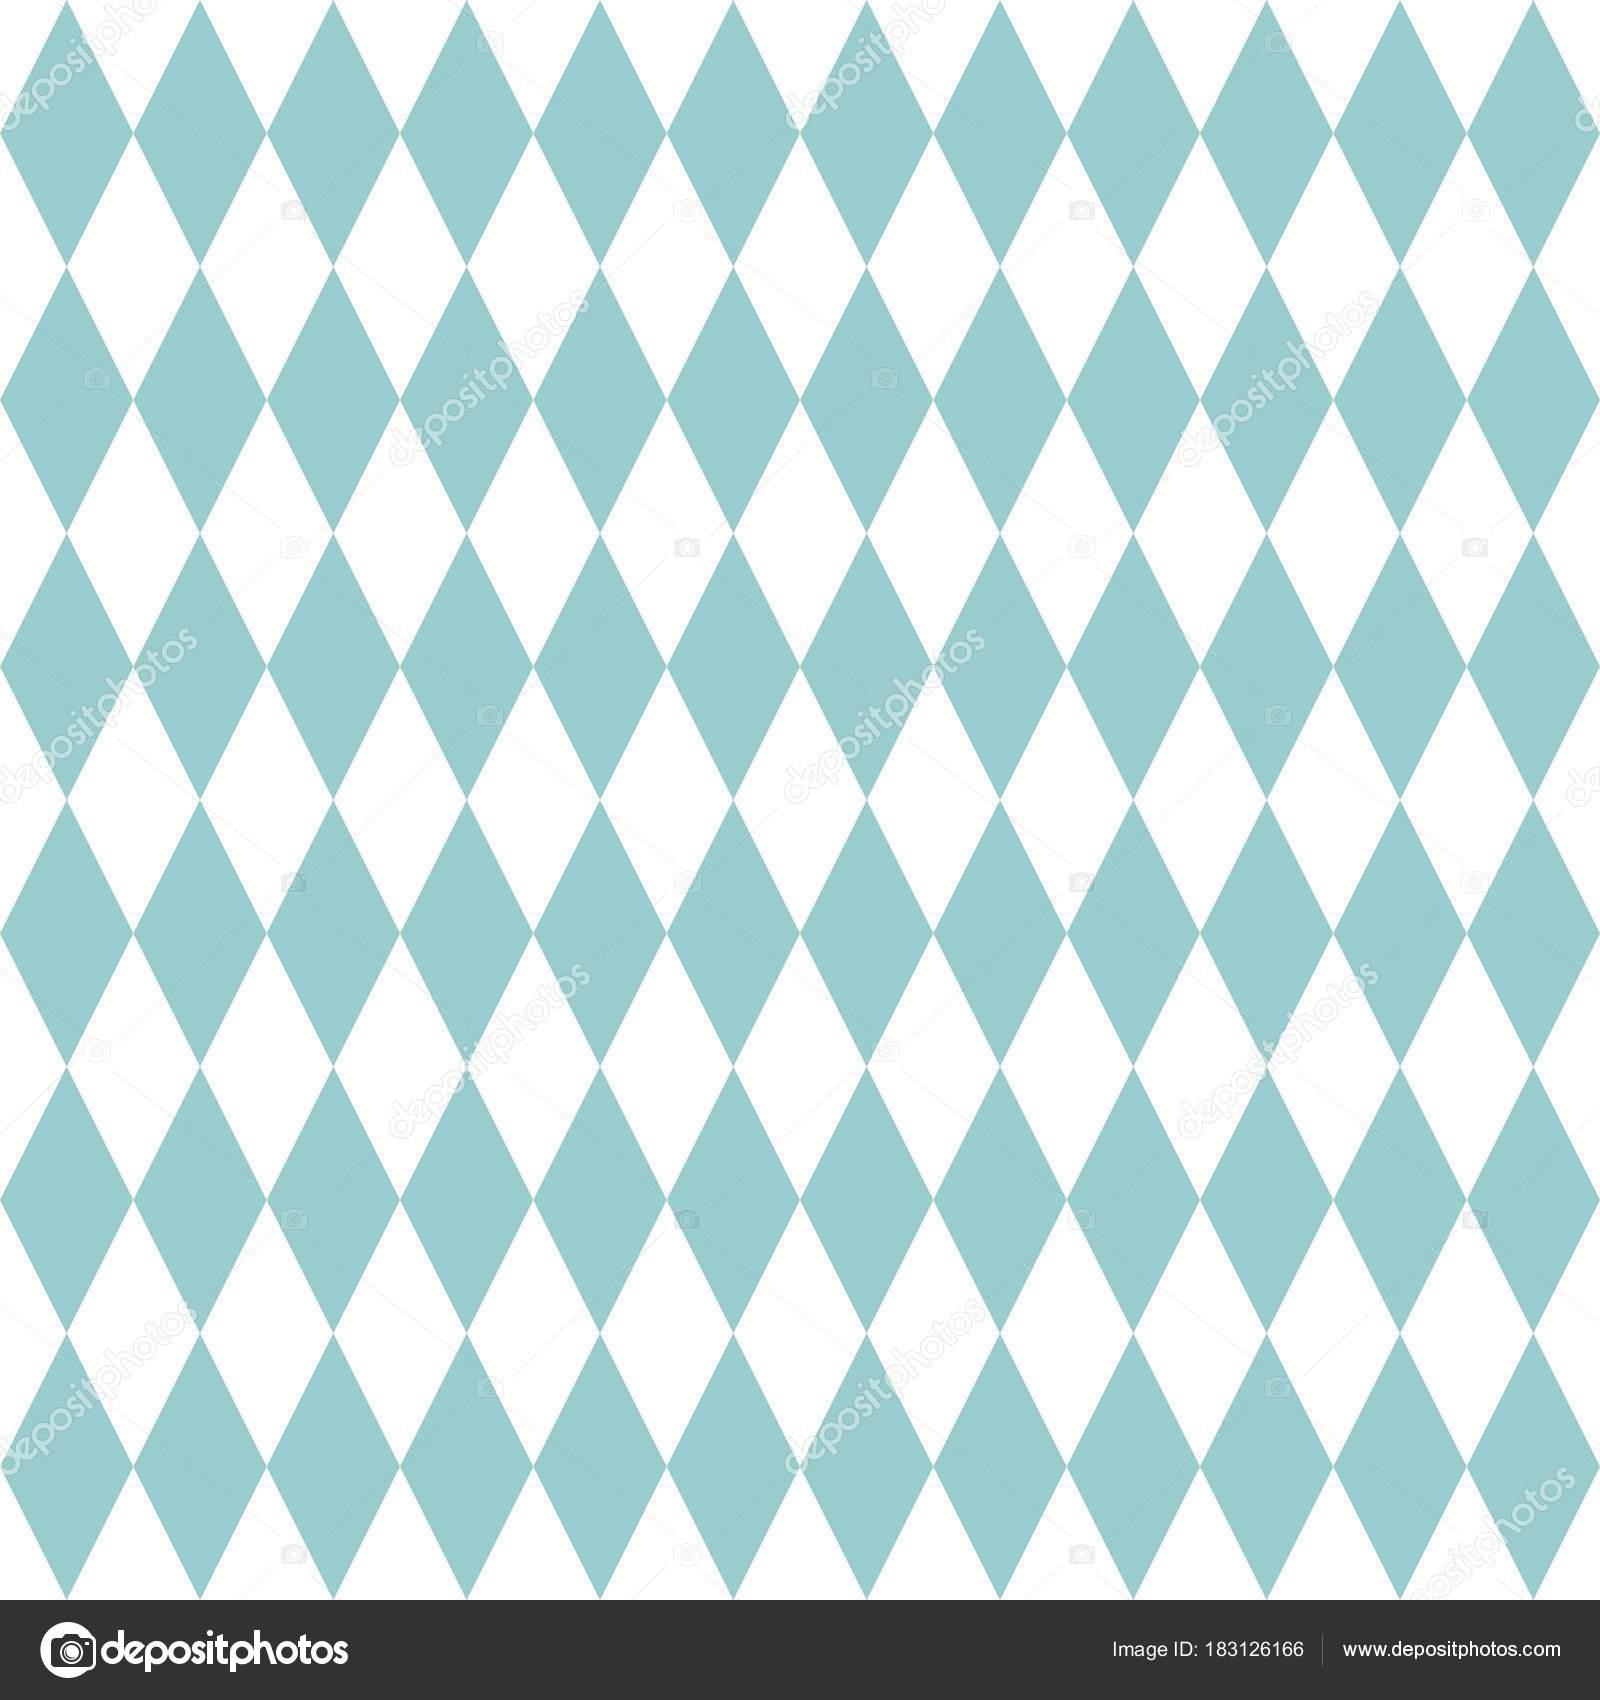 Tile Vector Pattern Mint Green White Wallpaper Background — Stock ...